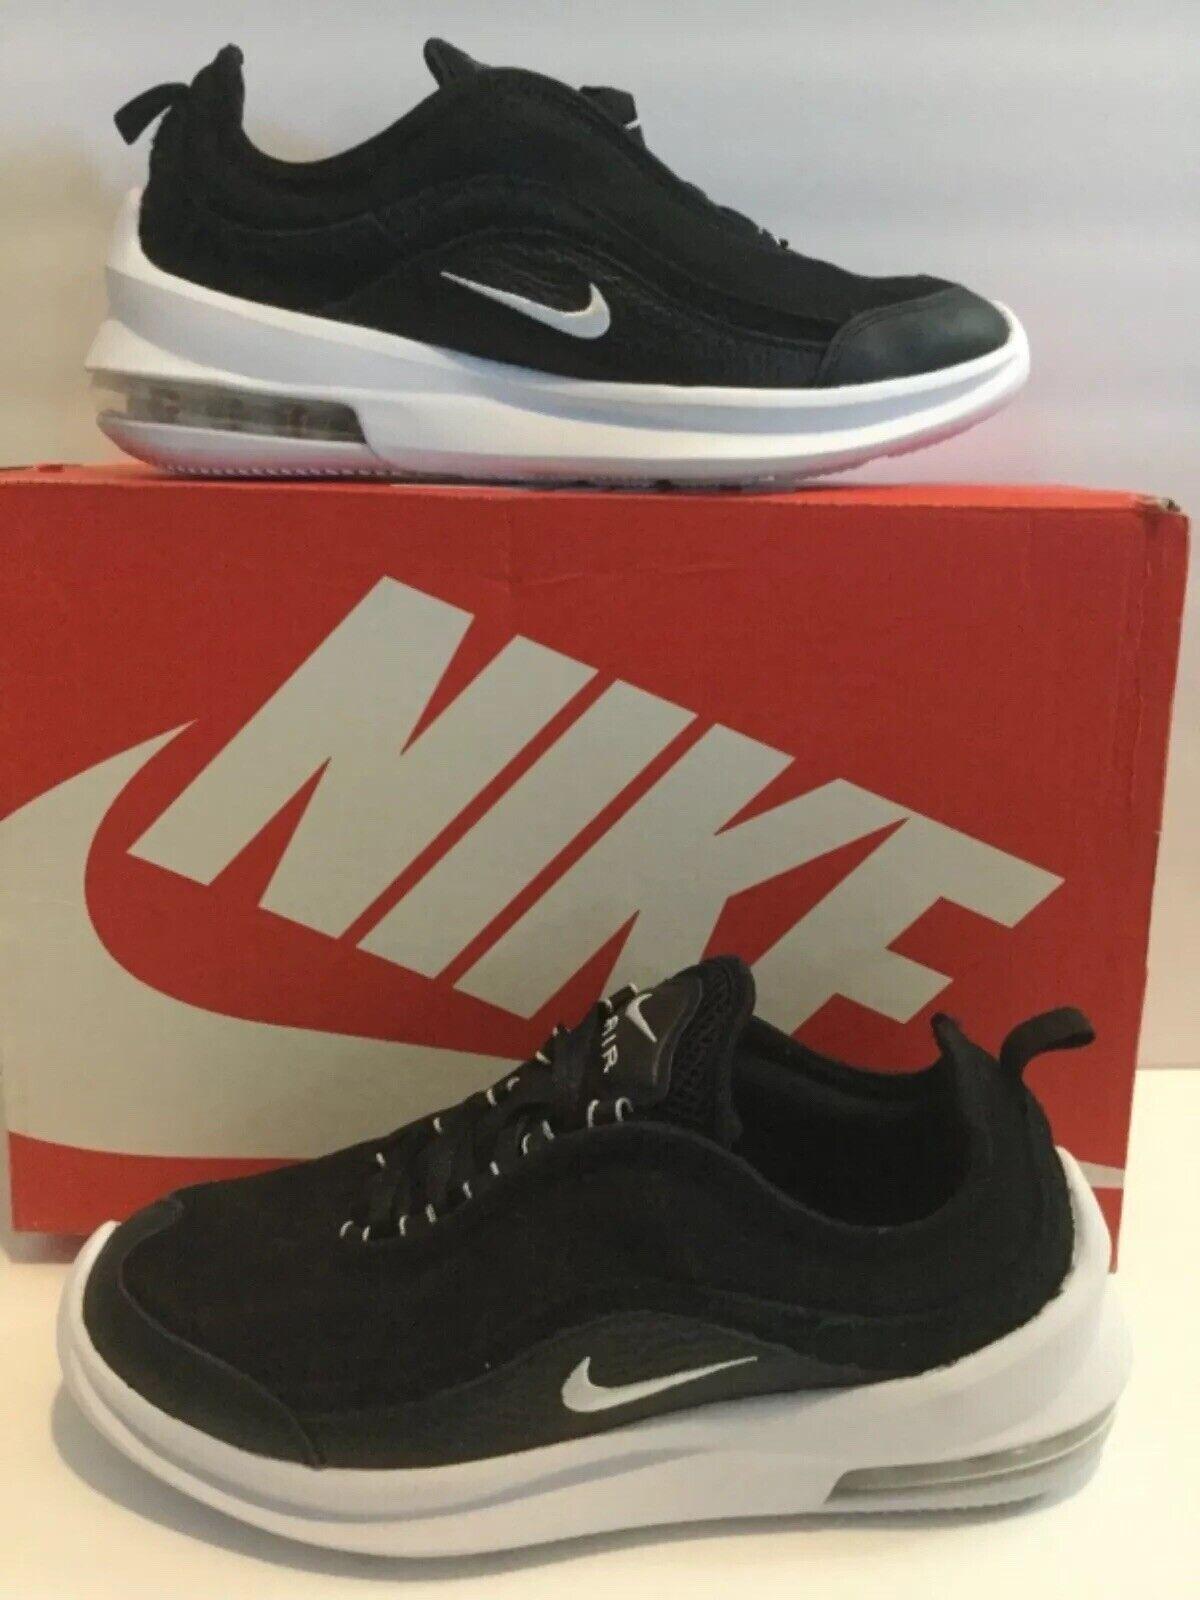 Nike Air Air Air Max Estrea kvinnor skor Storlek 8 Ny  till lägsta pris